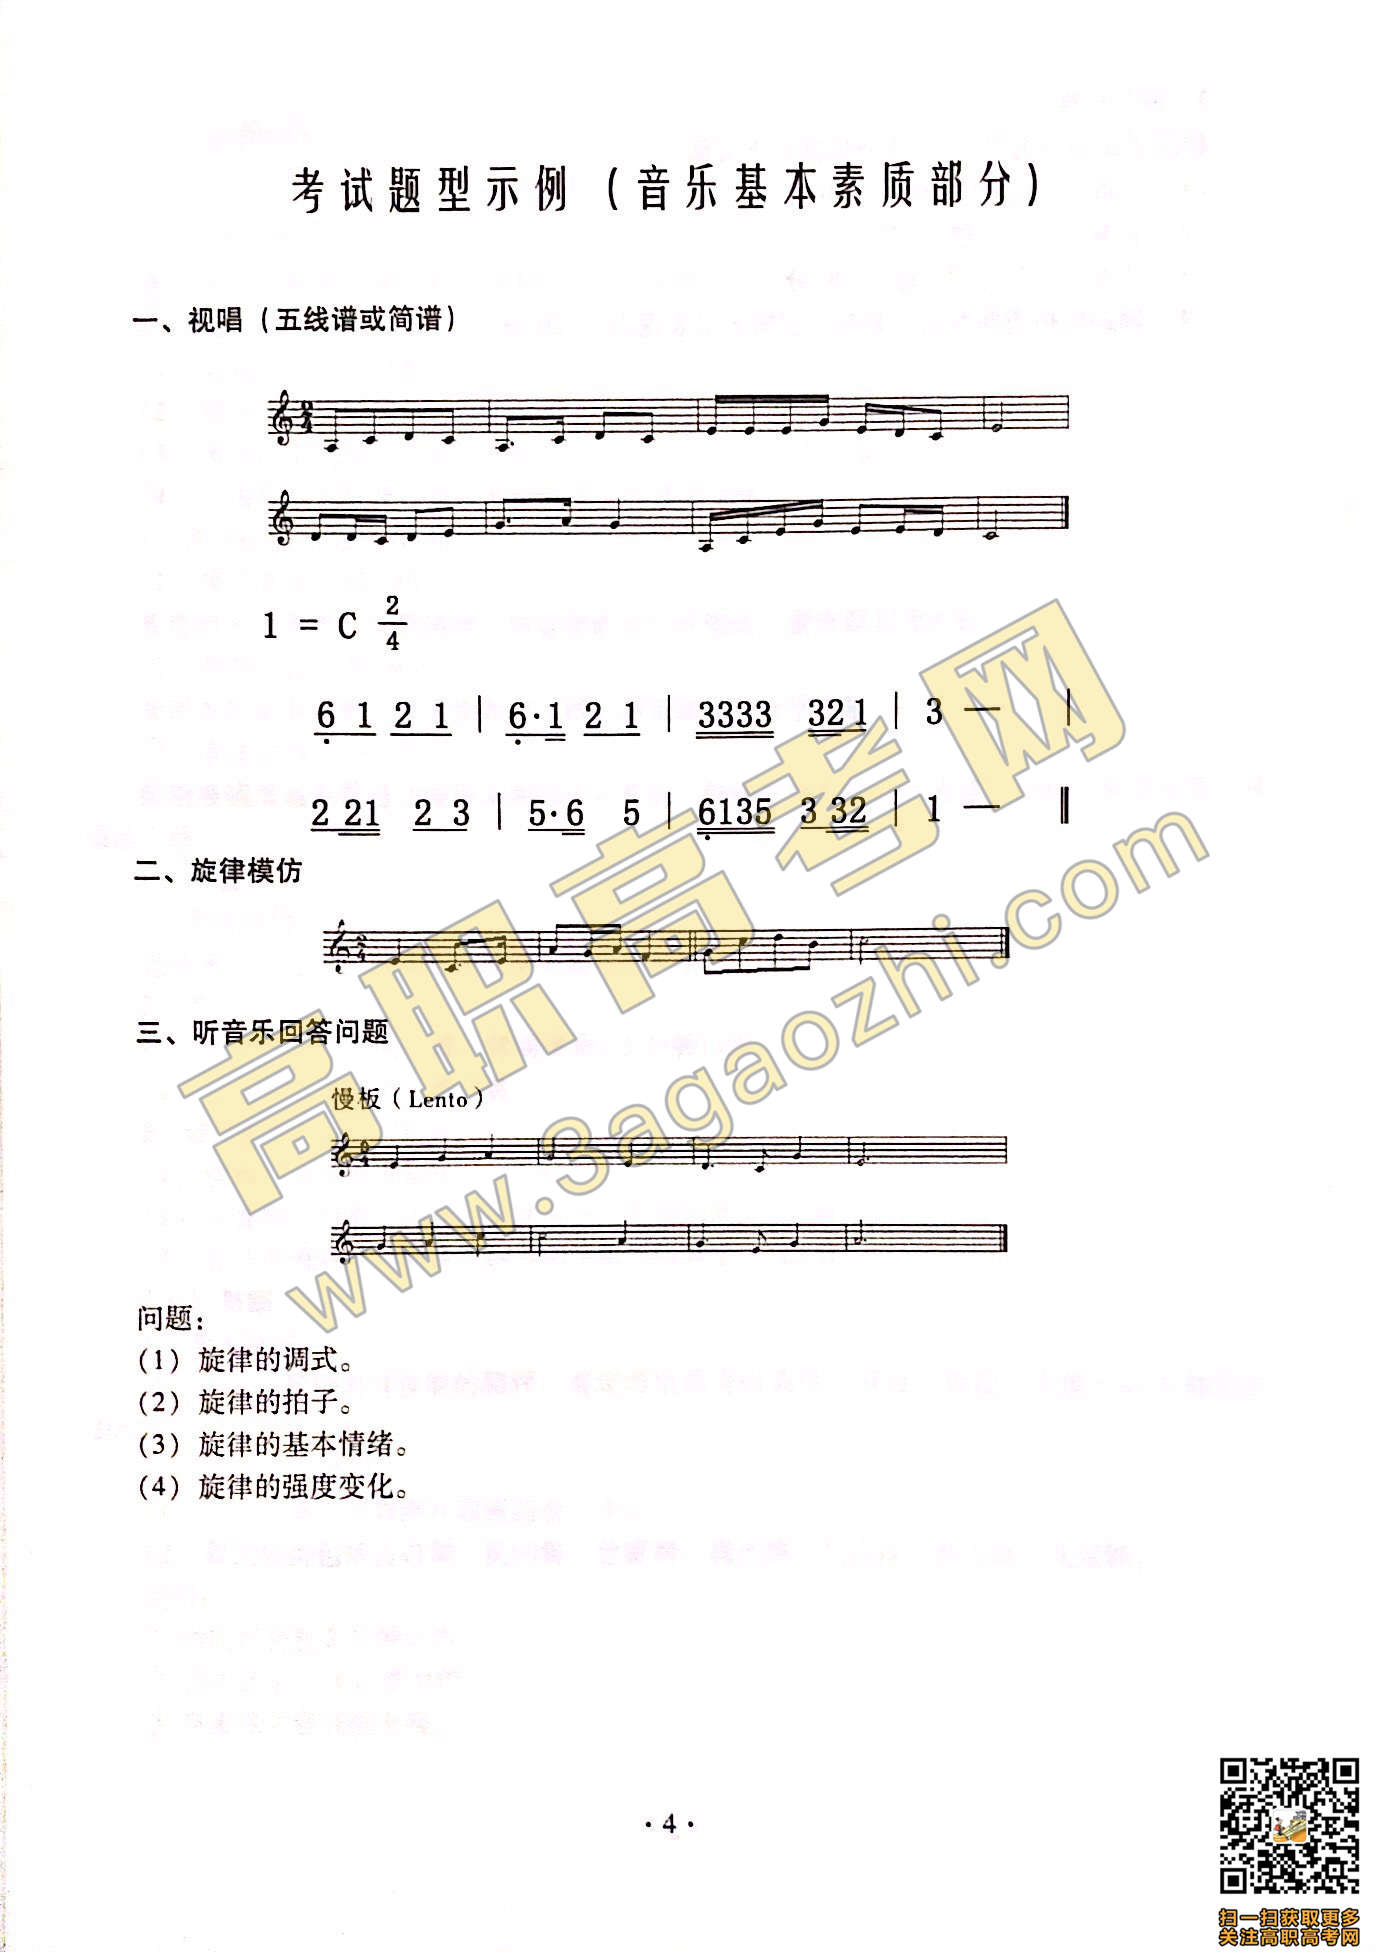 2019年高职高考《音乐综合》课程技能证书考试大纲及样题